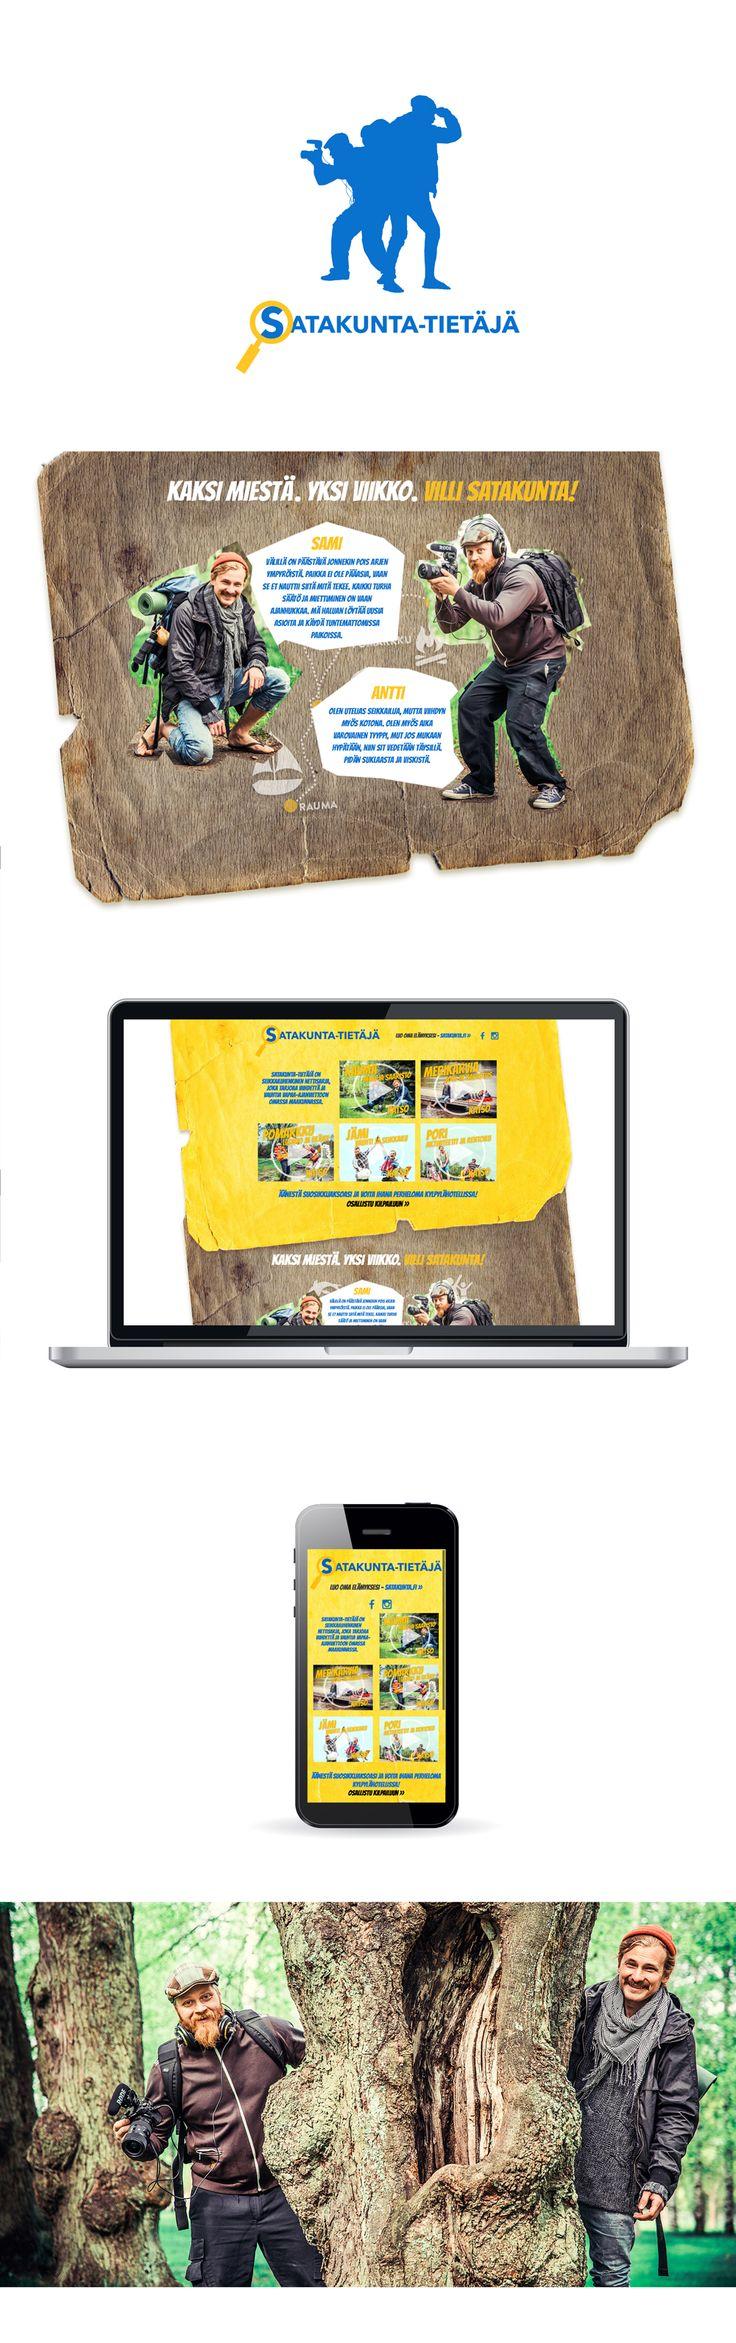 Graafinen suunnittelu, web design, tiedotus, markkinointi, kuvausjärjestelyt: Satakunta-tietäjä lähiseikkailusarja / Satakuntaliitto www.satakunta.fi/satakuntatietaja. Videot: Miaco Cinema Oy, valokuvat: Nelly Stenroos